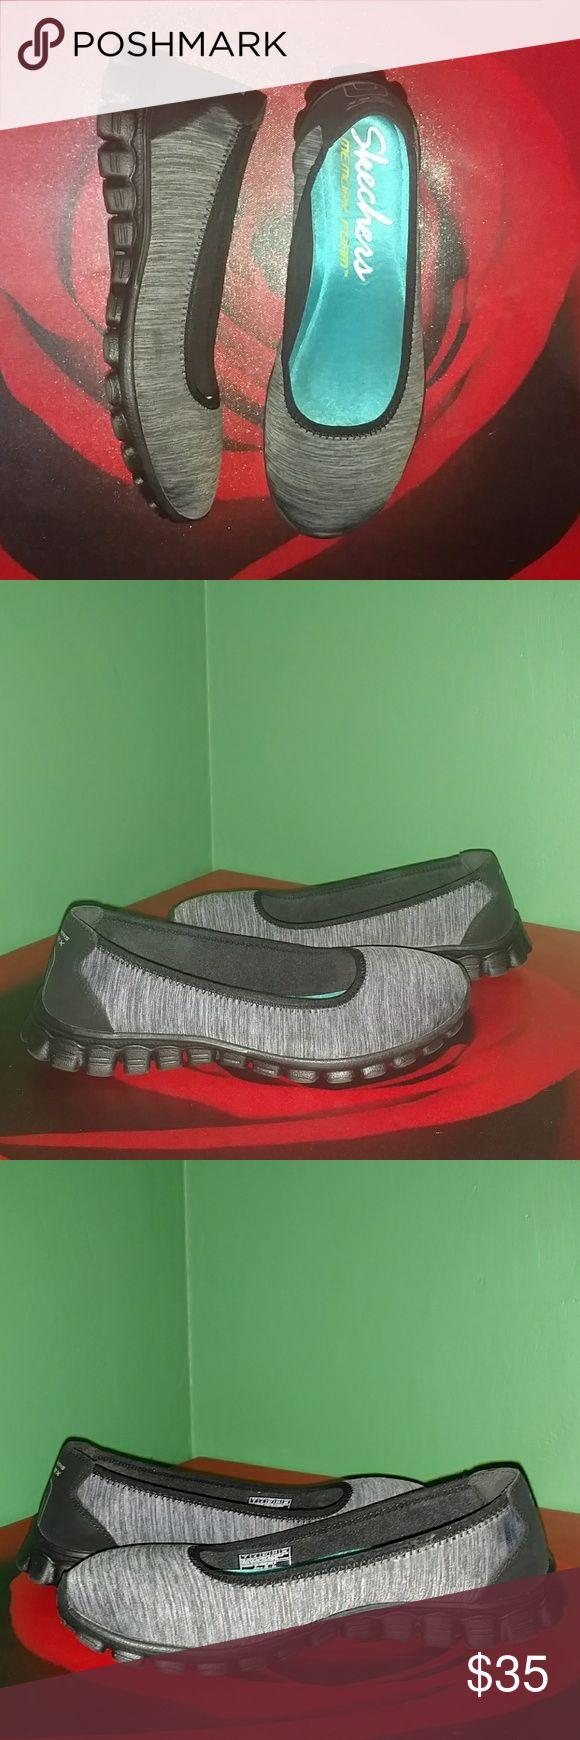 Skechers Memory Foam Sneakers Gently used, still in Great Condition - Stylish Skechers Memory Foam sneakers Skechers Shoes Sneakers